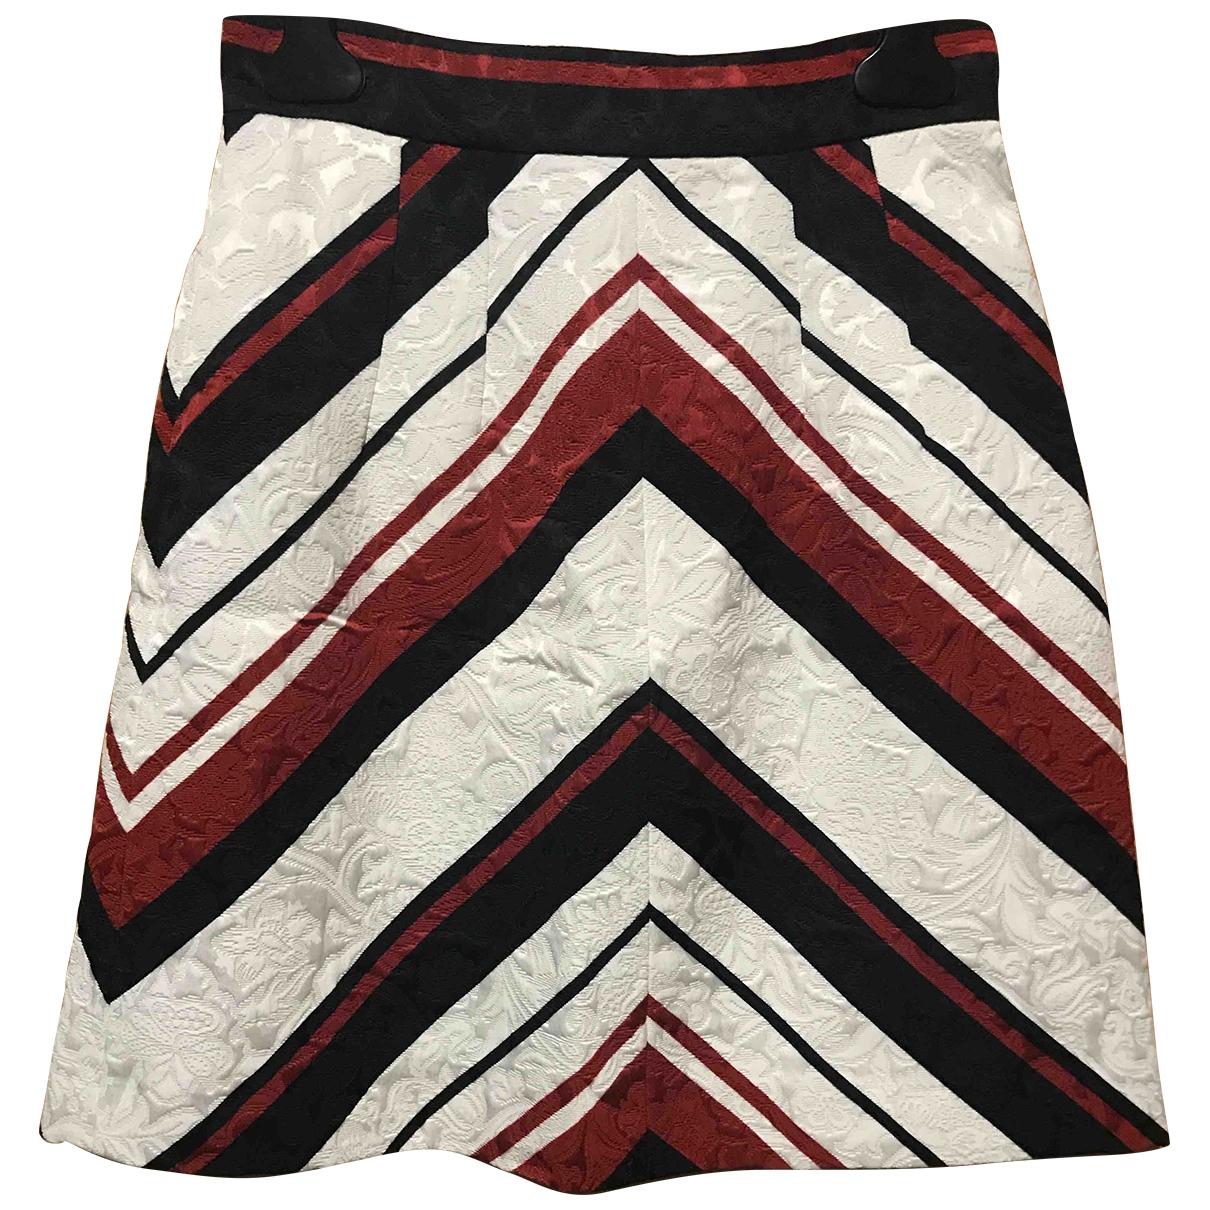 Dolce & Gabbana \N Multicolour skirt for Women 36 IT